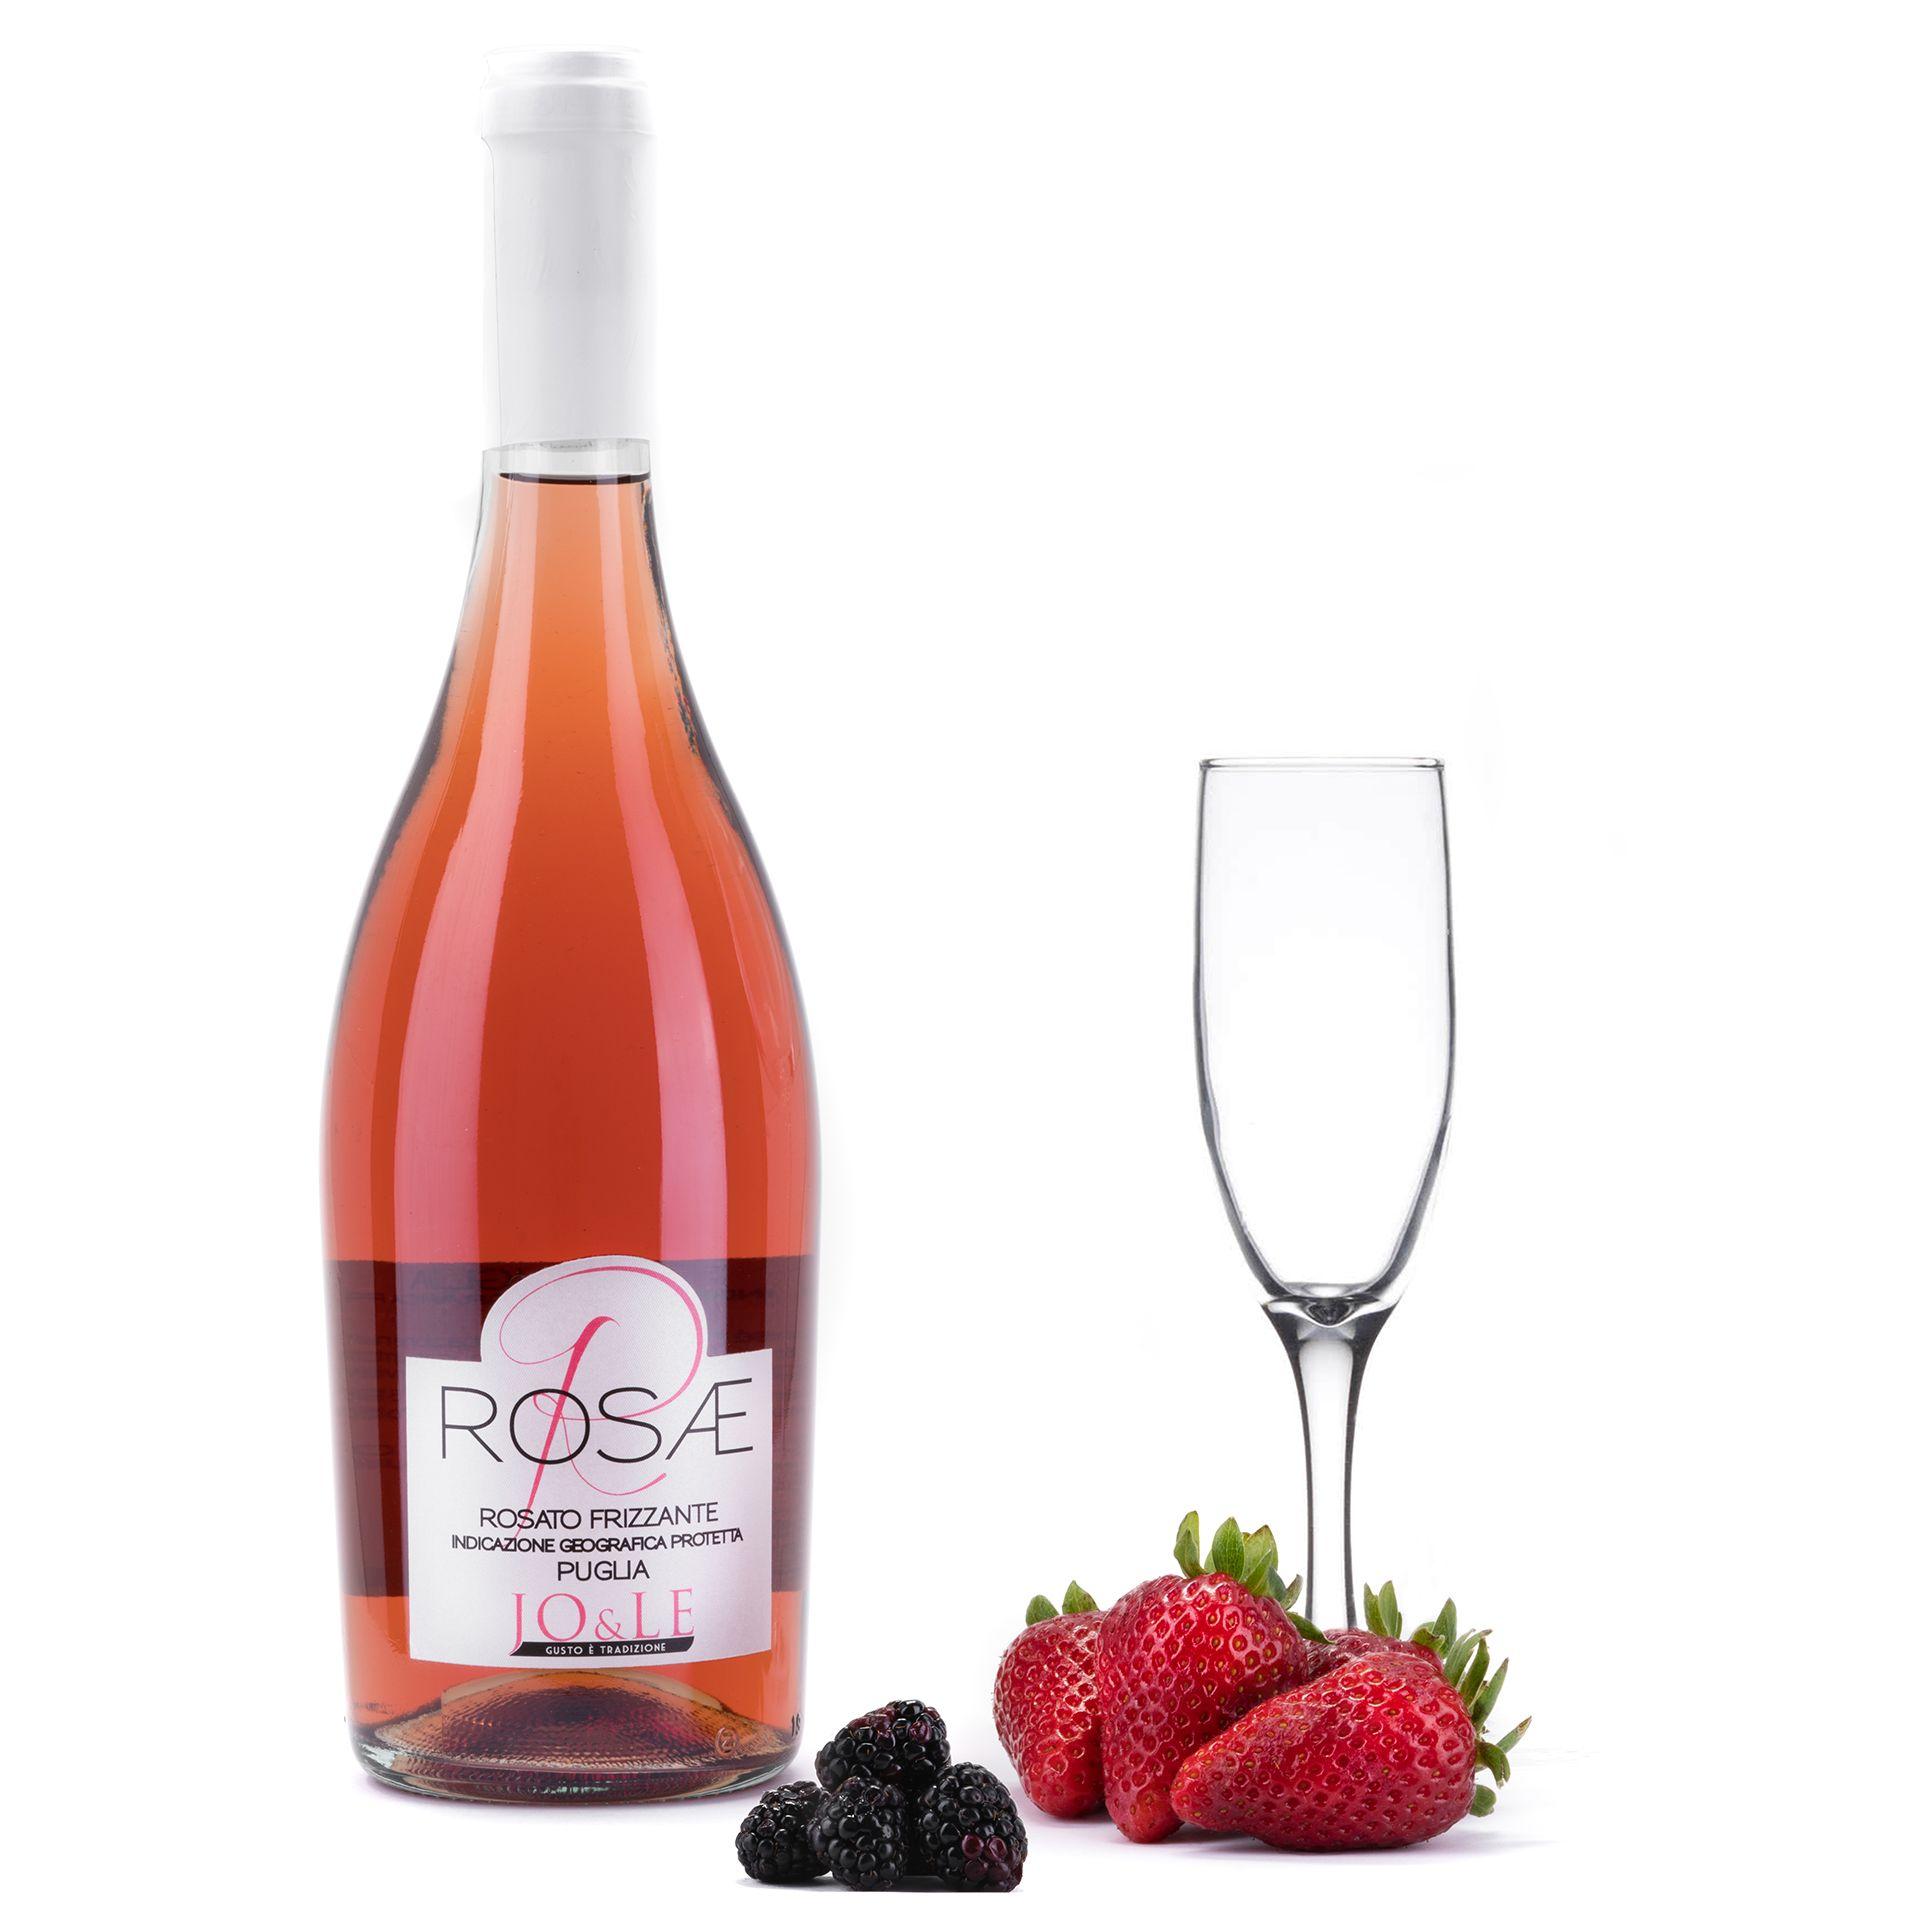 Rosae Rosato Frizzante Igp Vino Rose Frizzante A Fermentazione Naturale Prodotto Da Uve Della Puglia Perfett Bottiglie Di Vino Vino Rose Taglieri Di Formaggi